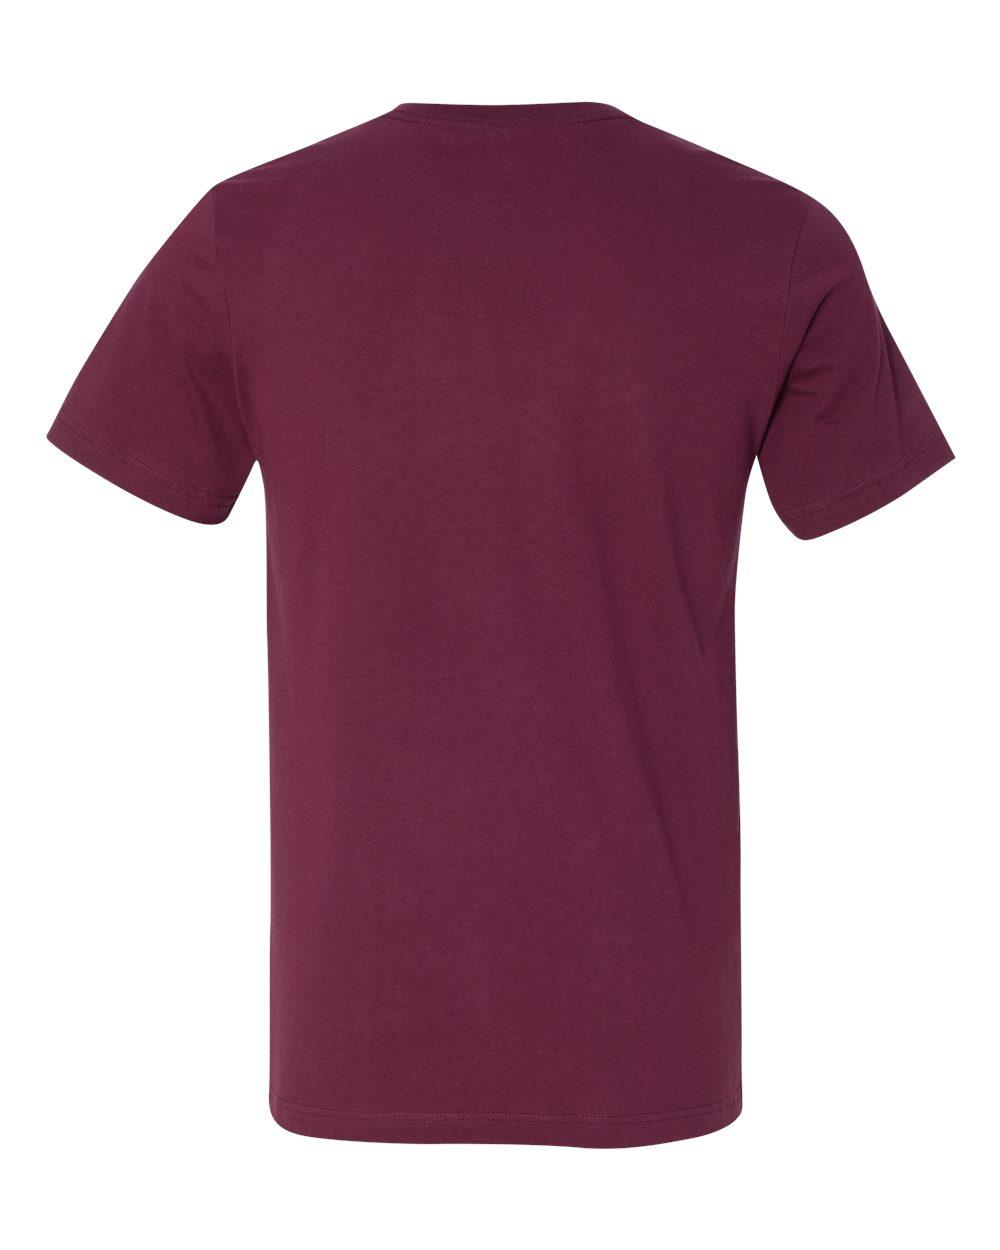 Bella-Canvas-Men-039-s-Jersey-Short-Sleeve-V-Neck-T-Shirt-3005-XS-3XL thumbnail 89